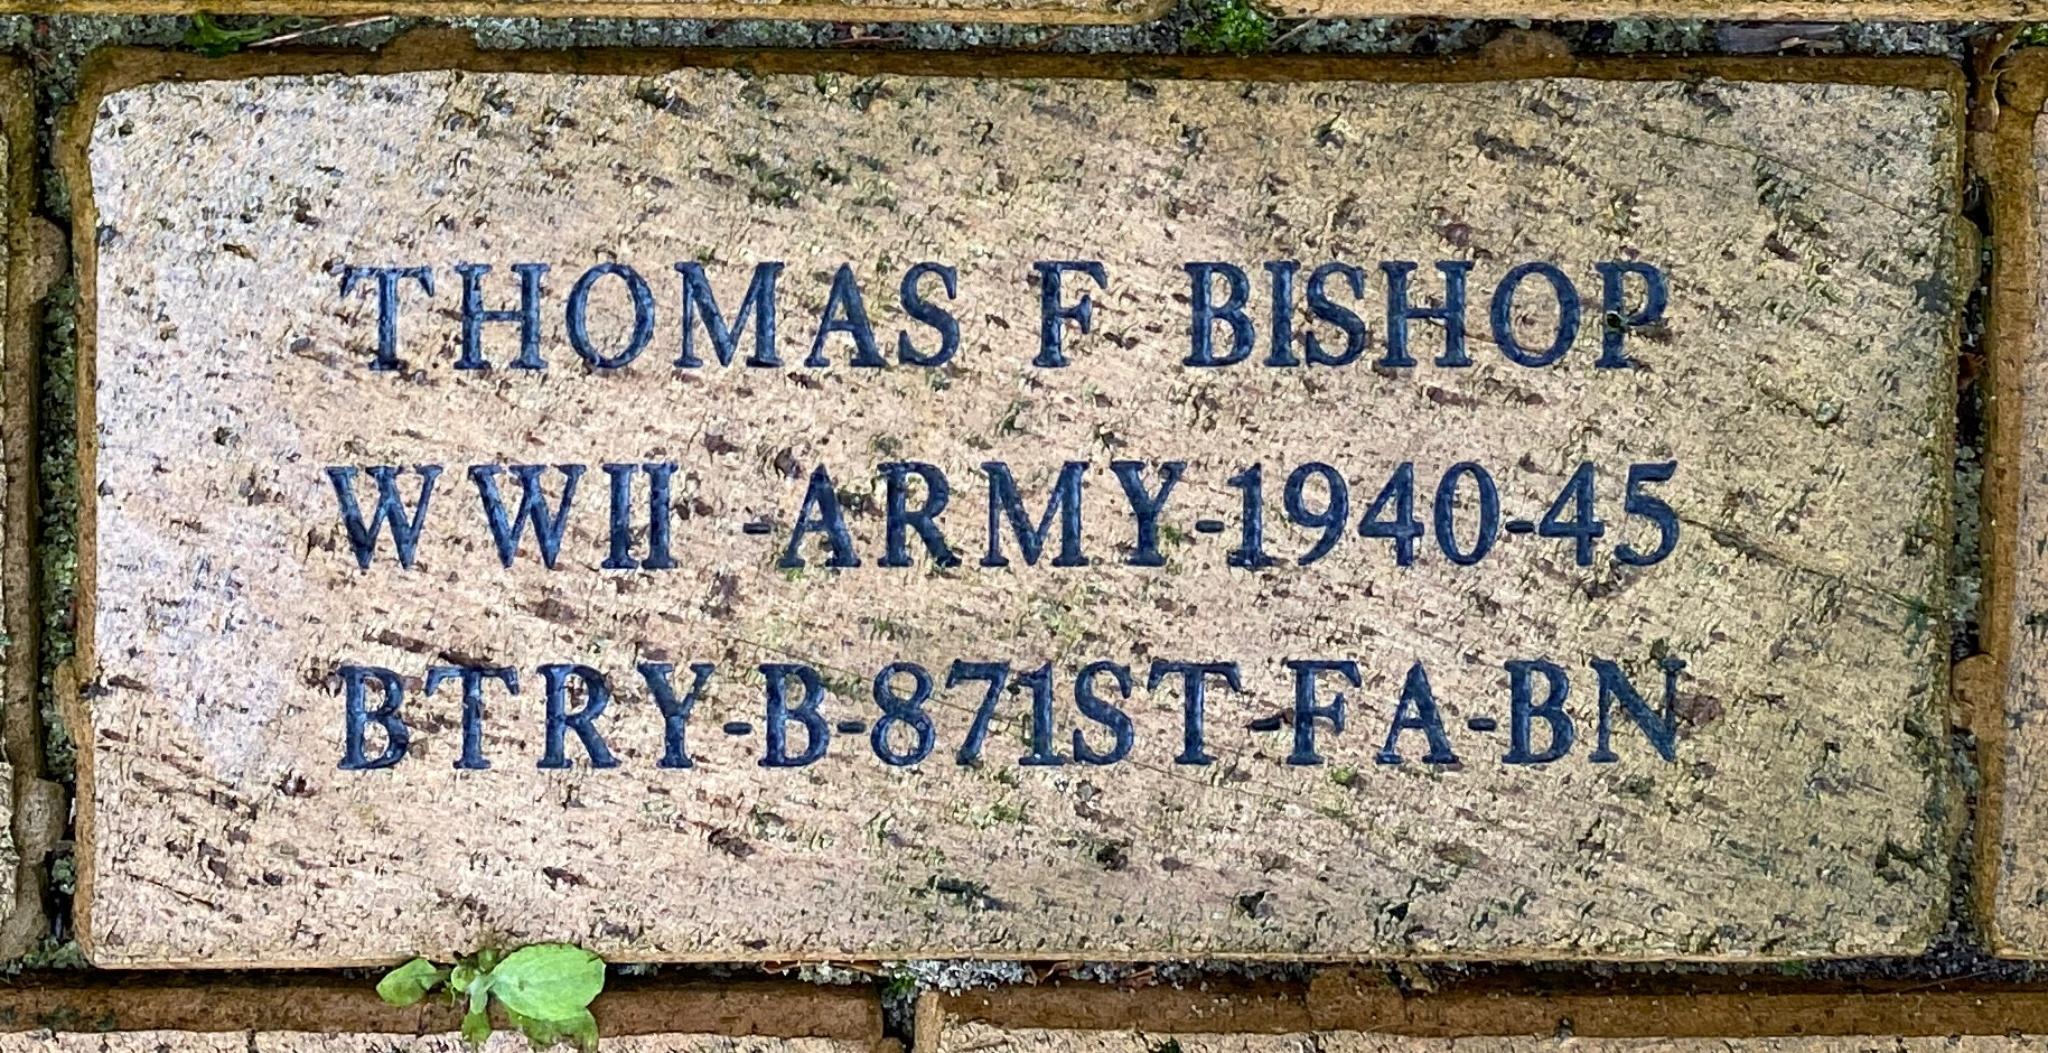 THOMAS F BISHOP WWII ARMY 1940-45 BTRY B-871ST FA-BN